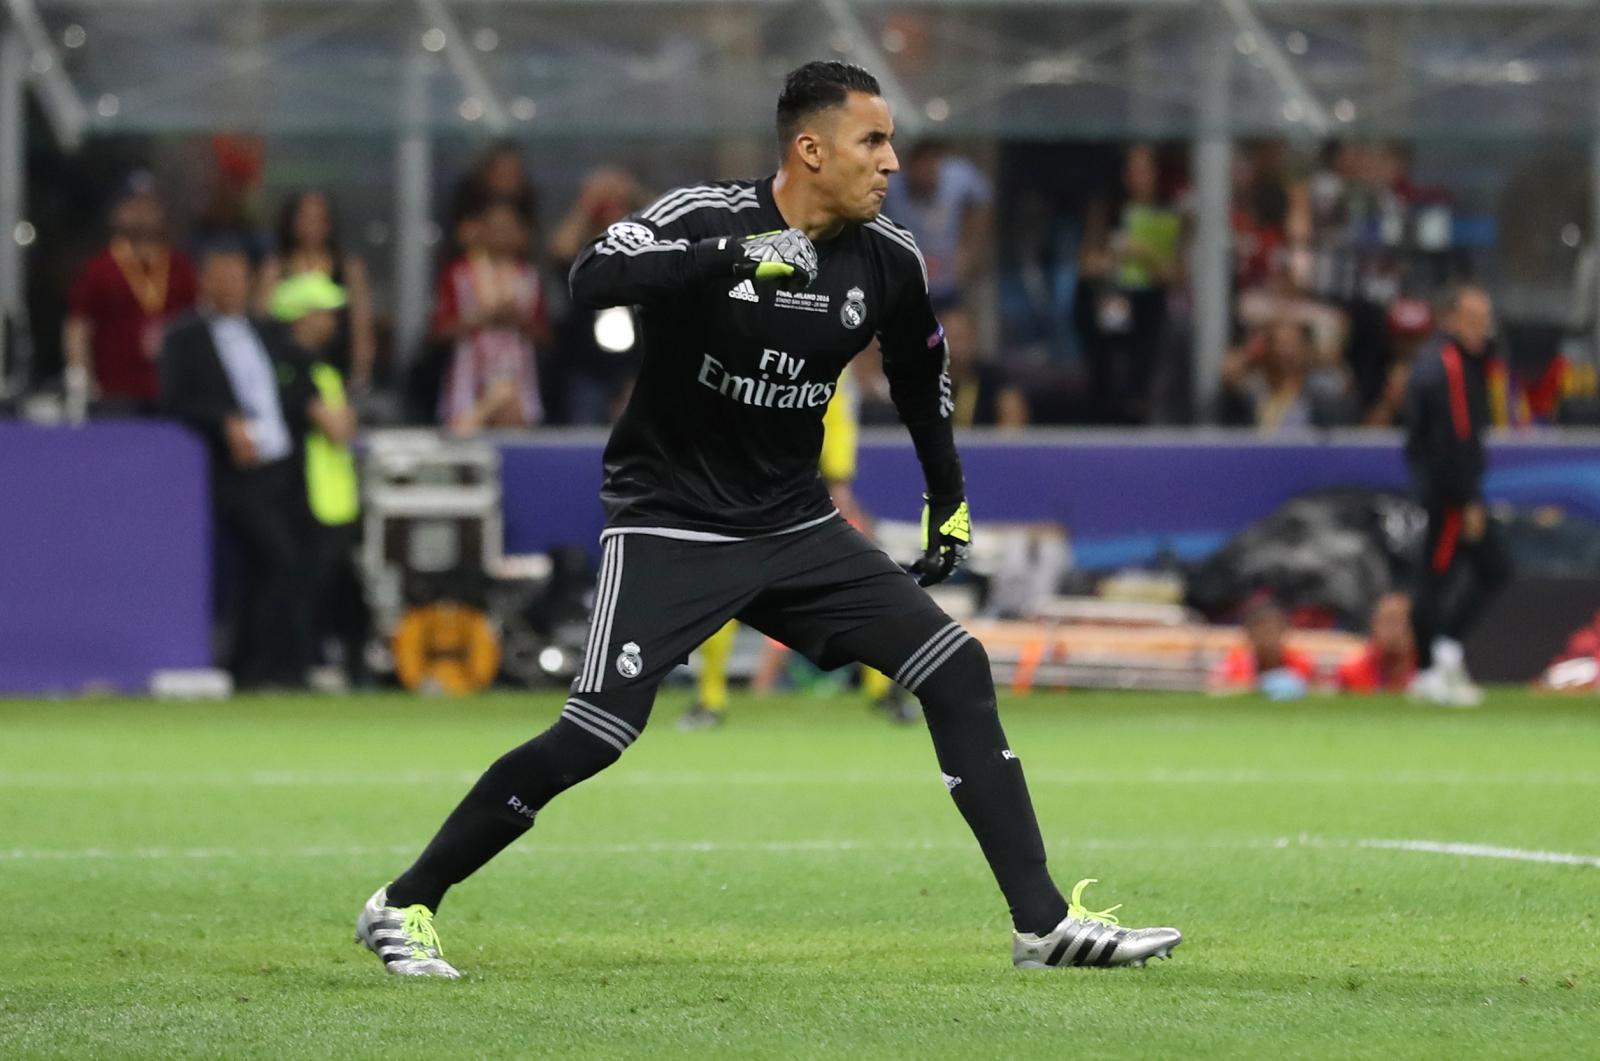 Keylor Navas Casemiro and Raphael Varane return to Real Madrid 19